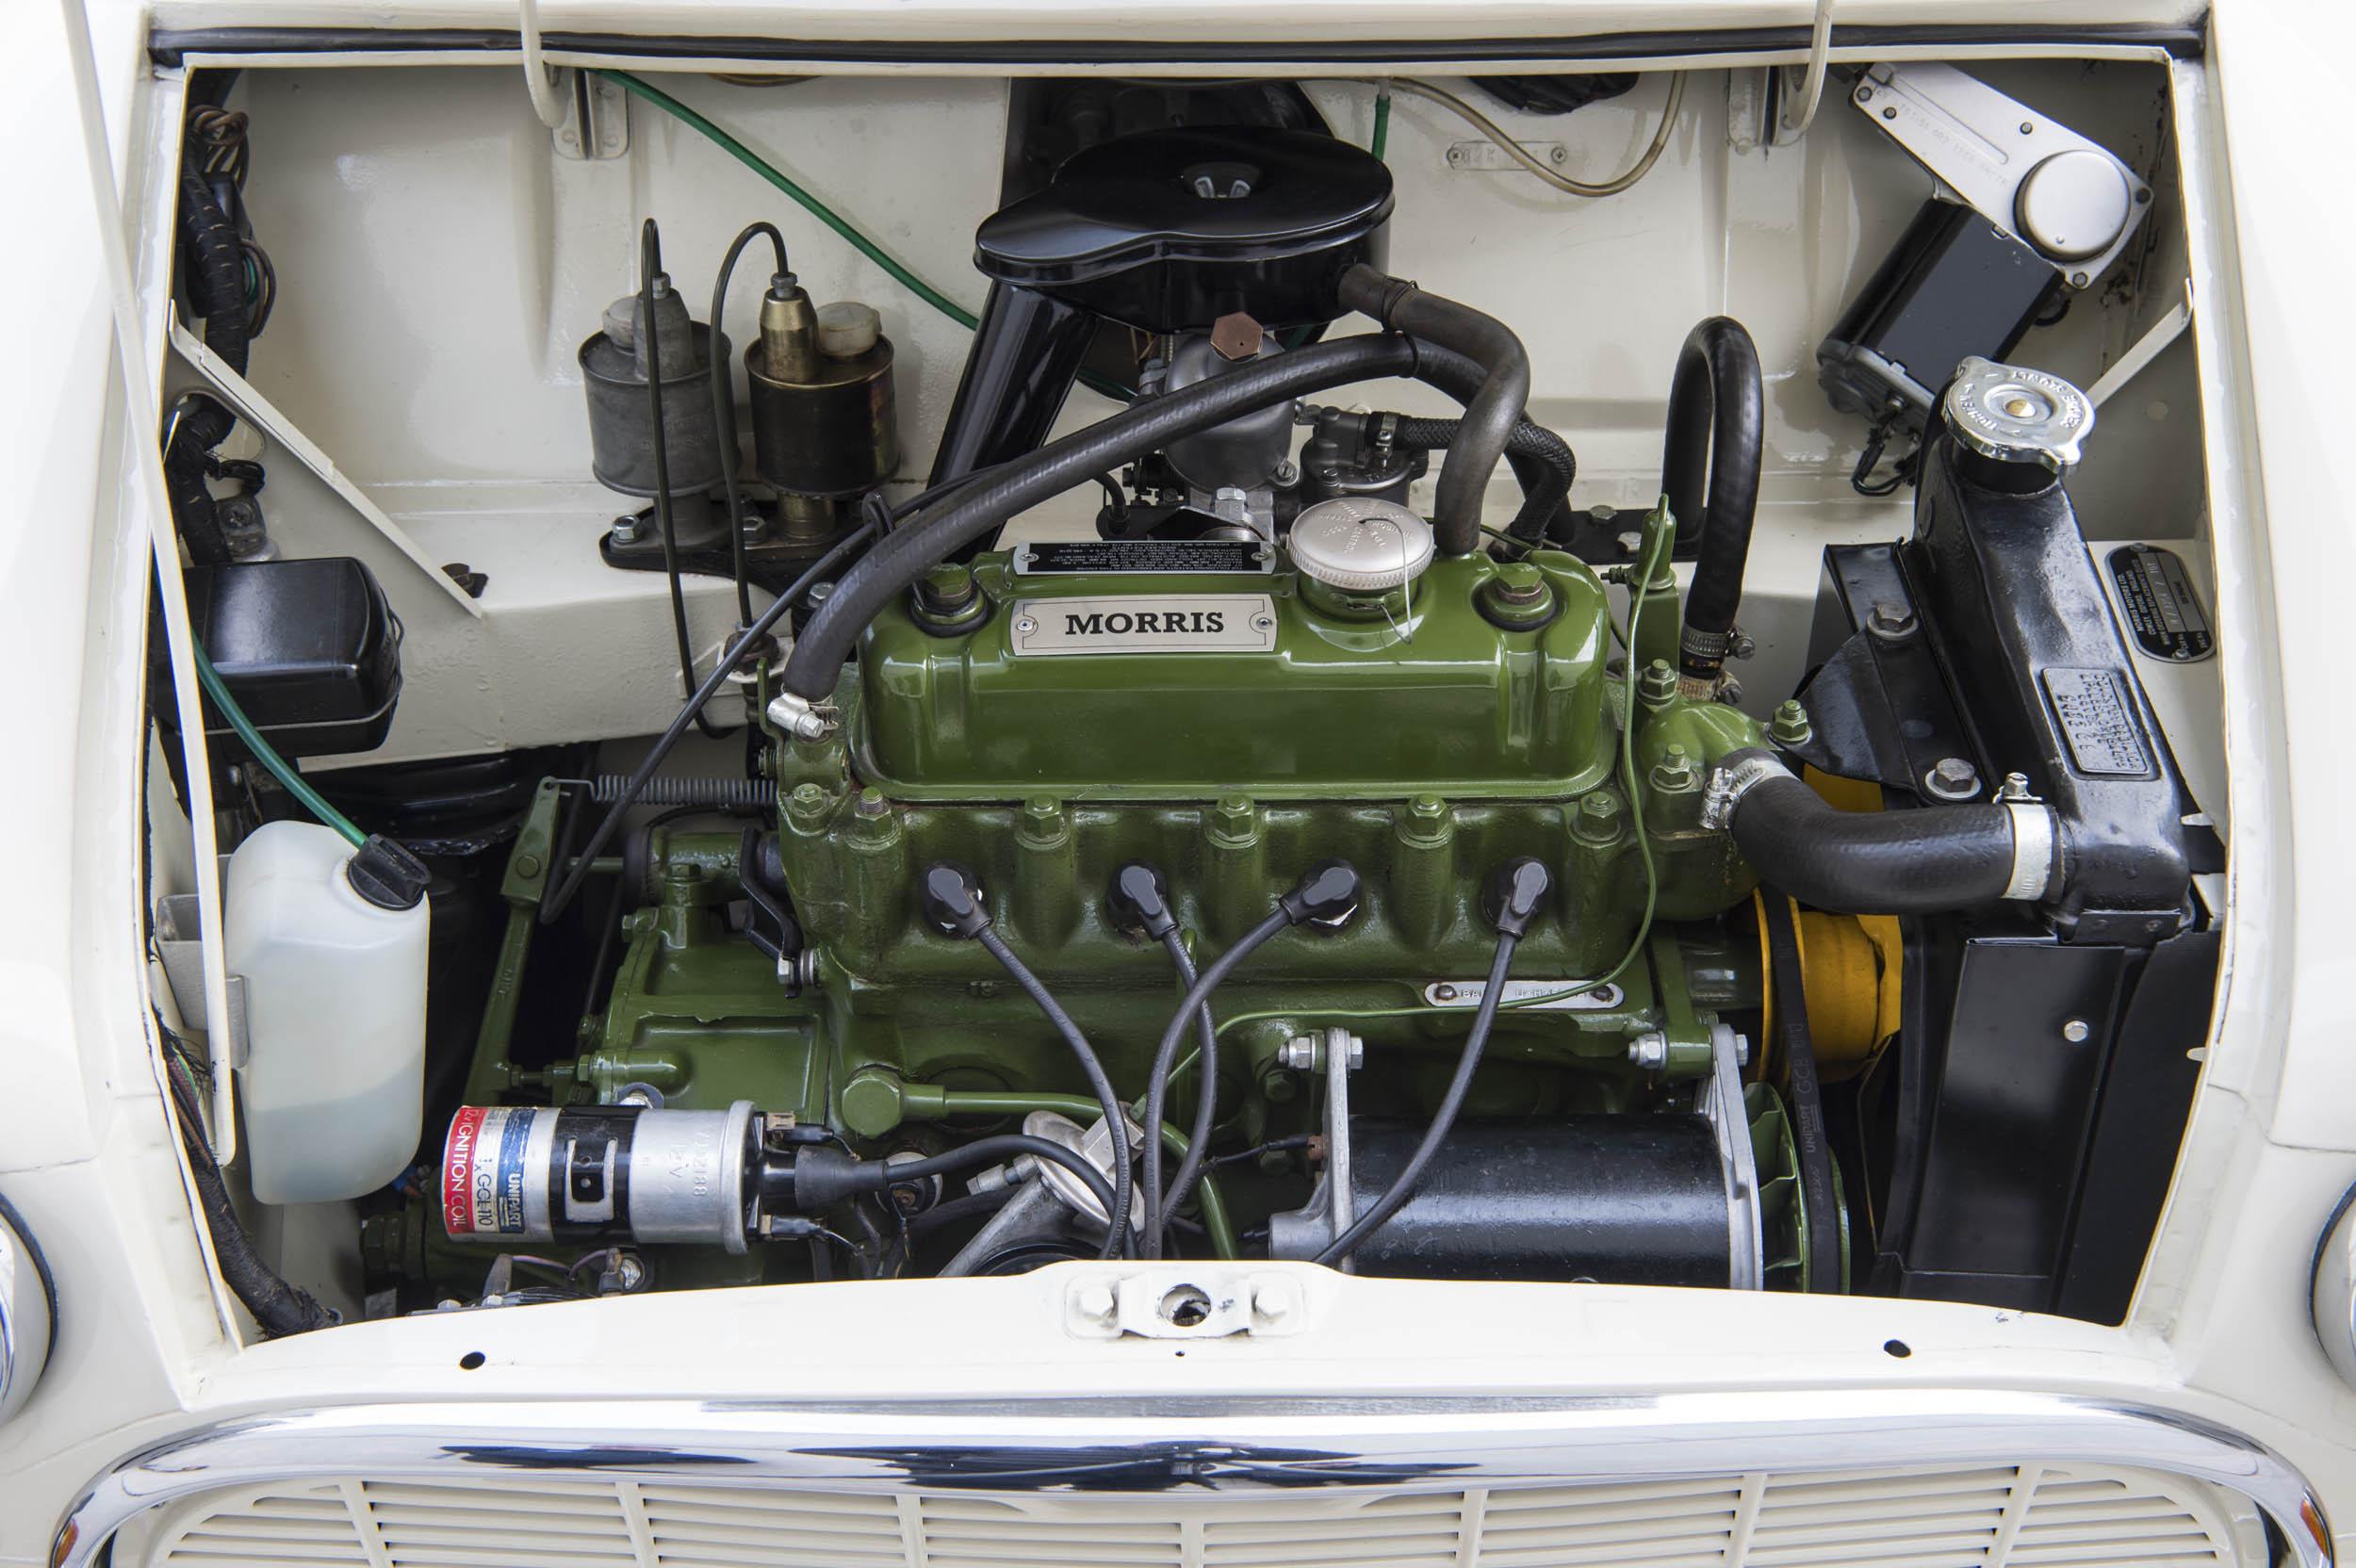 1959 Morris Mini-Minor engine